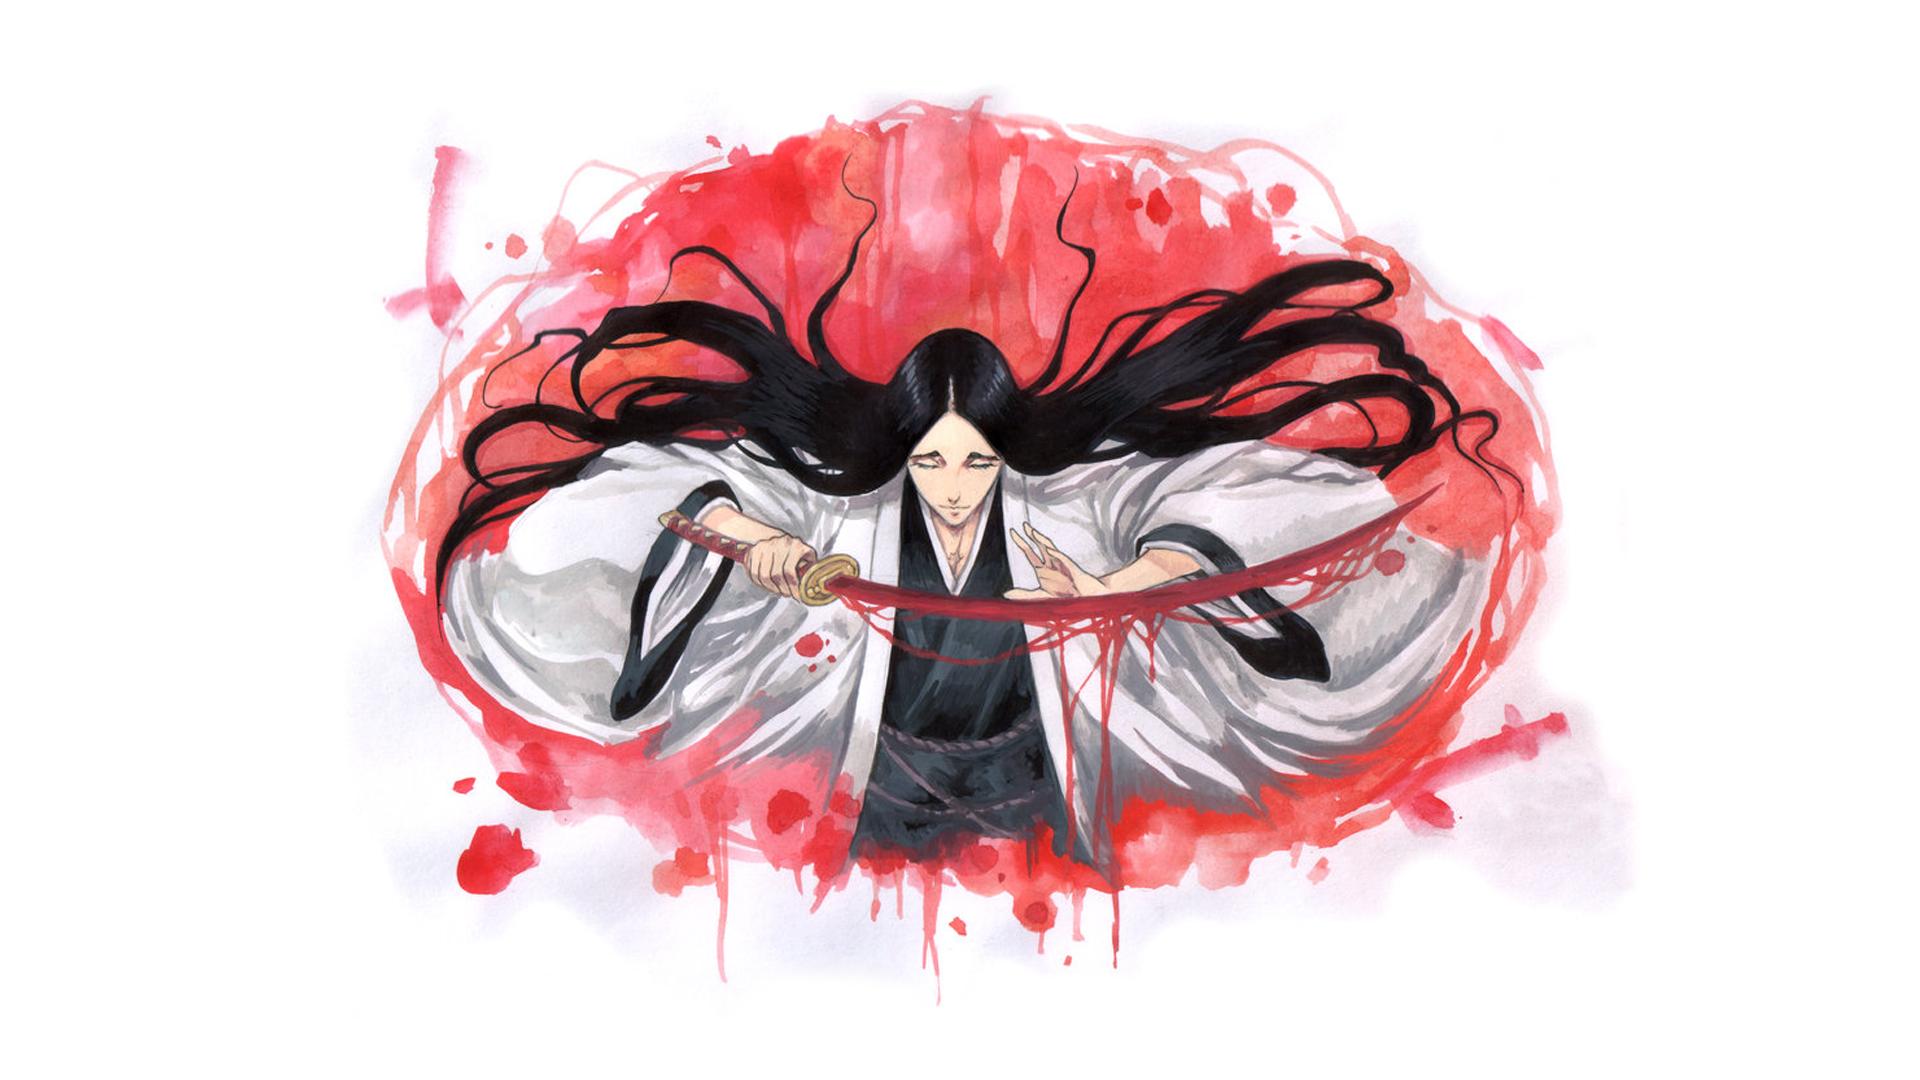 Wallpaper Anime Manga Bleach Unohana Retsu Kenpachi Shinigami